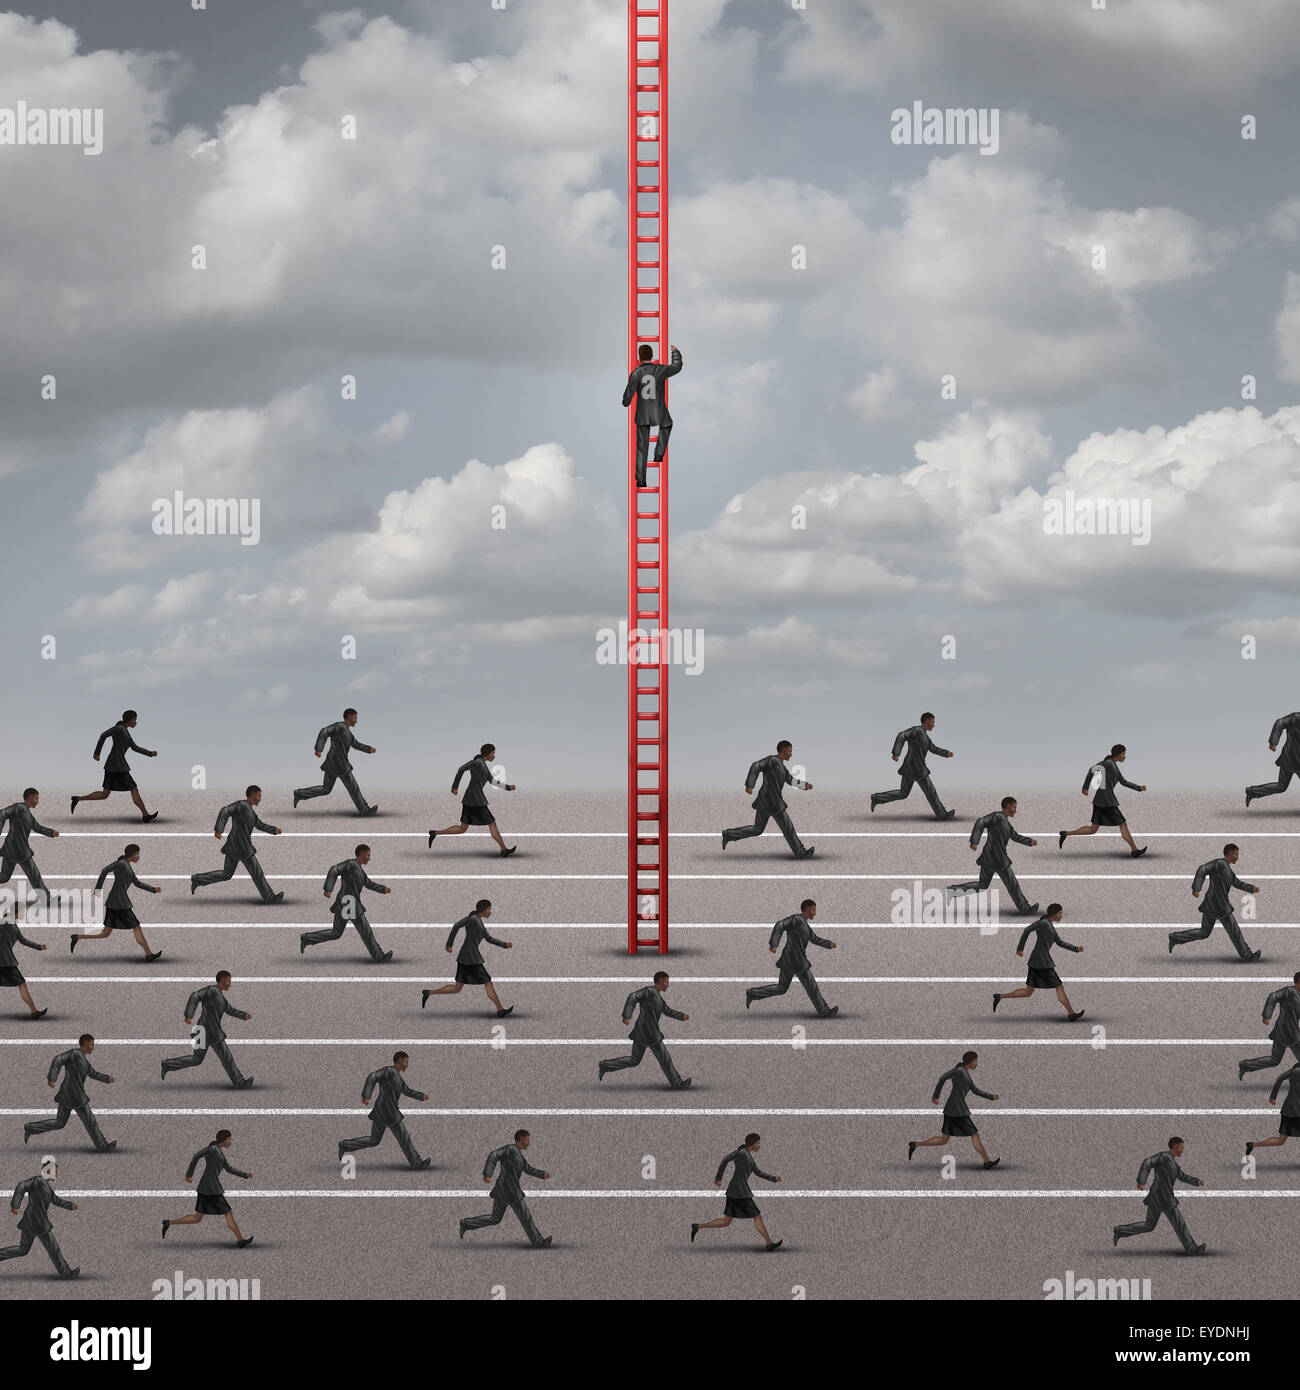 Contra la corriente de marea o concepto de negocio como una metáfora del ser diferente y encontrar soluciones Imagen De Stock